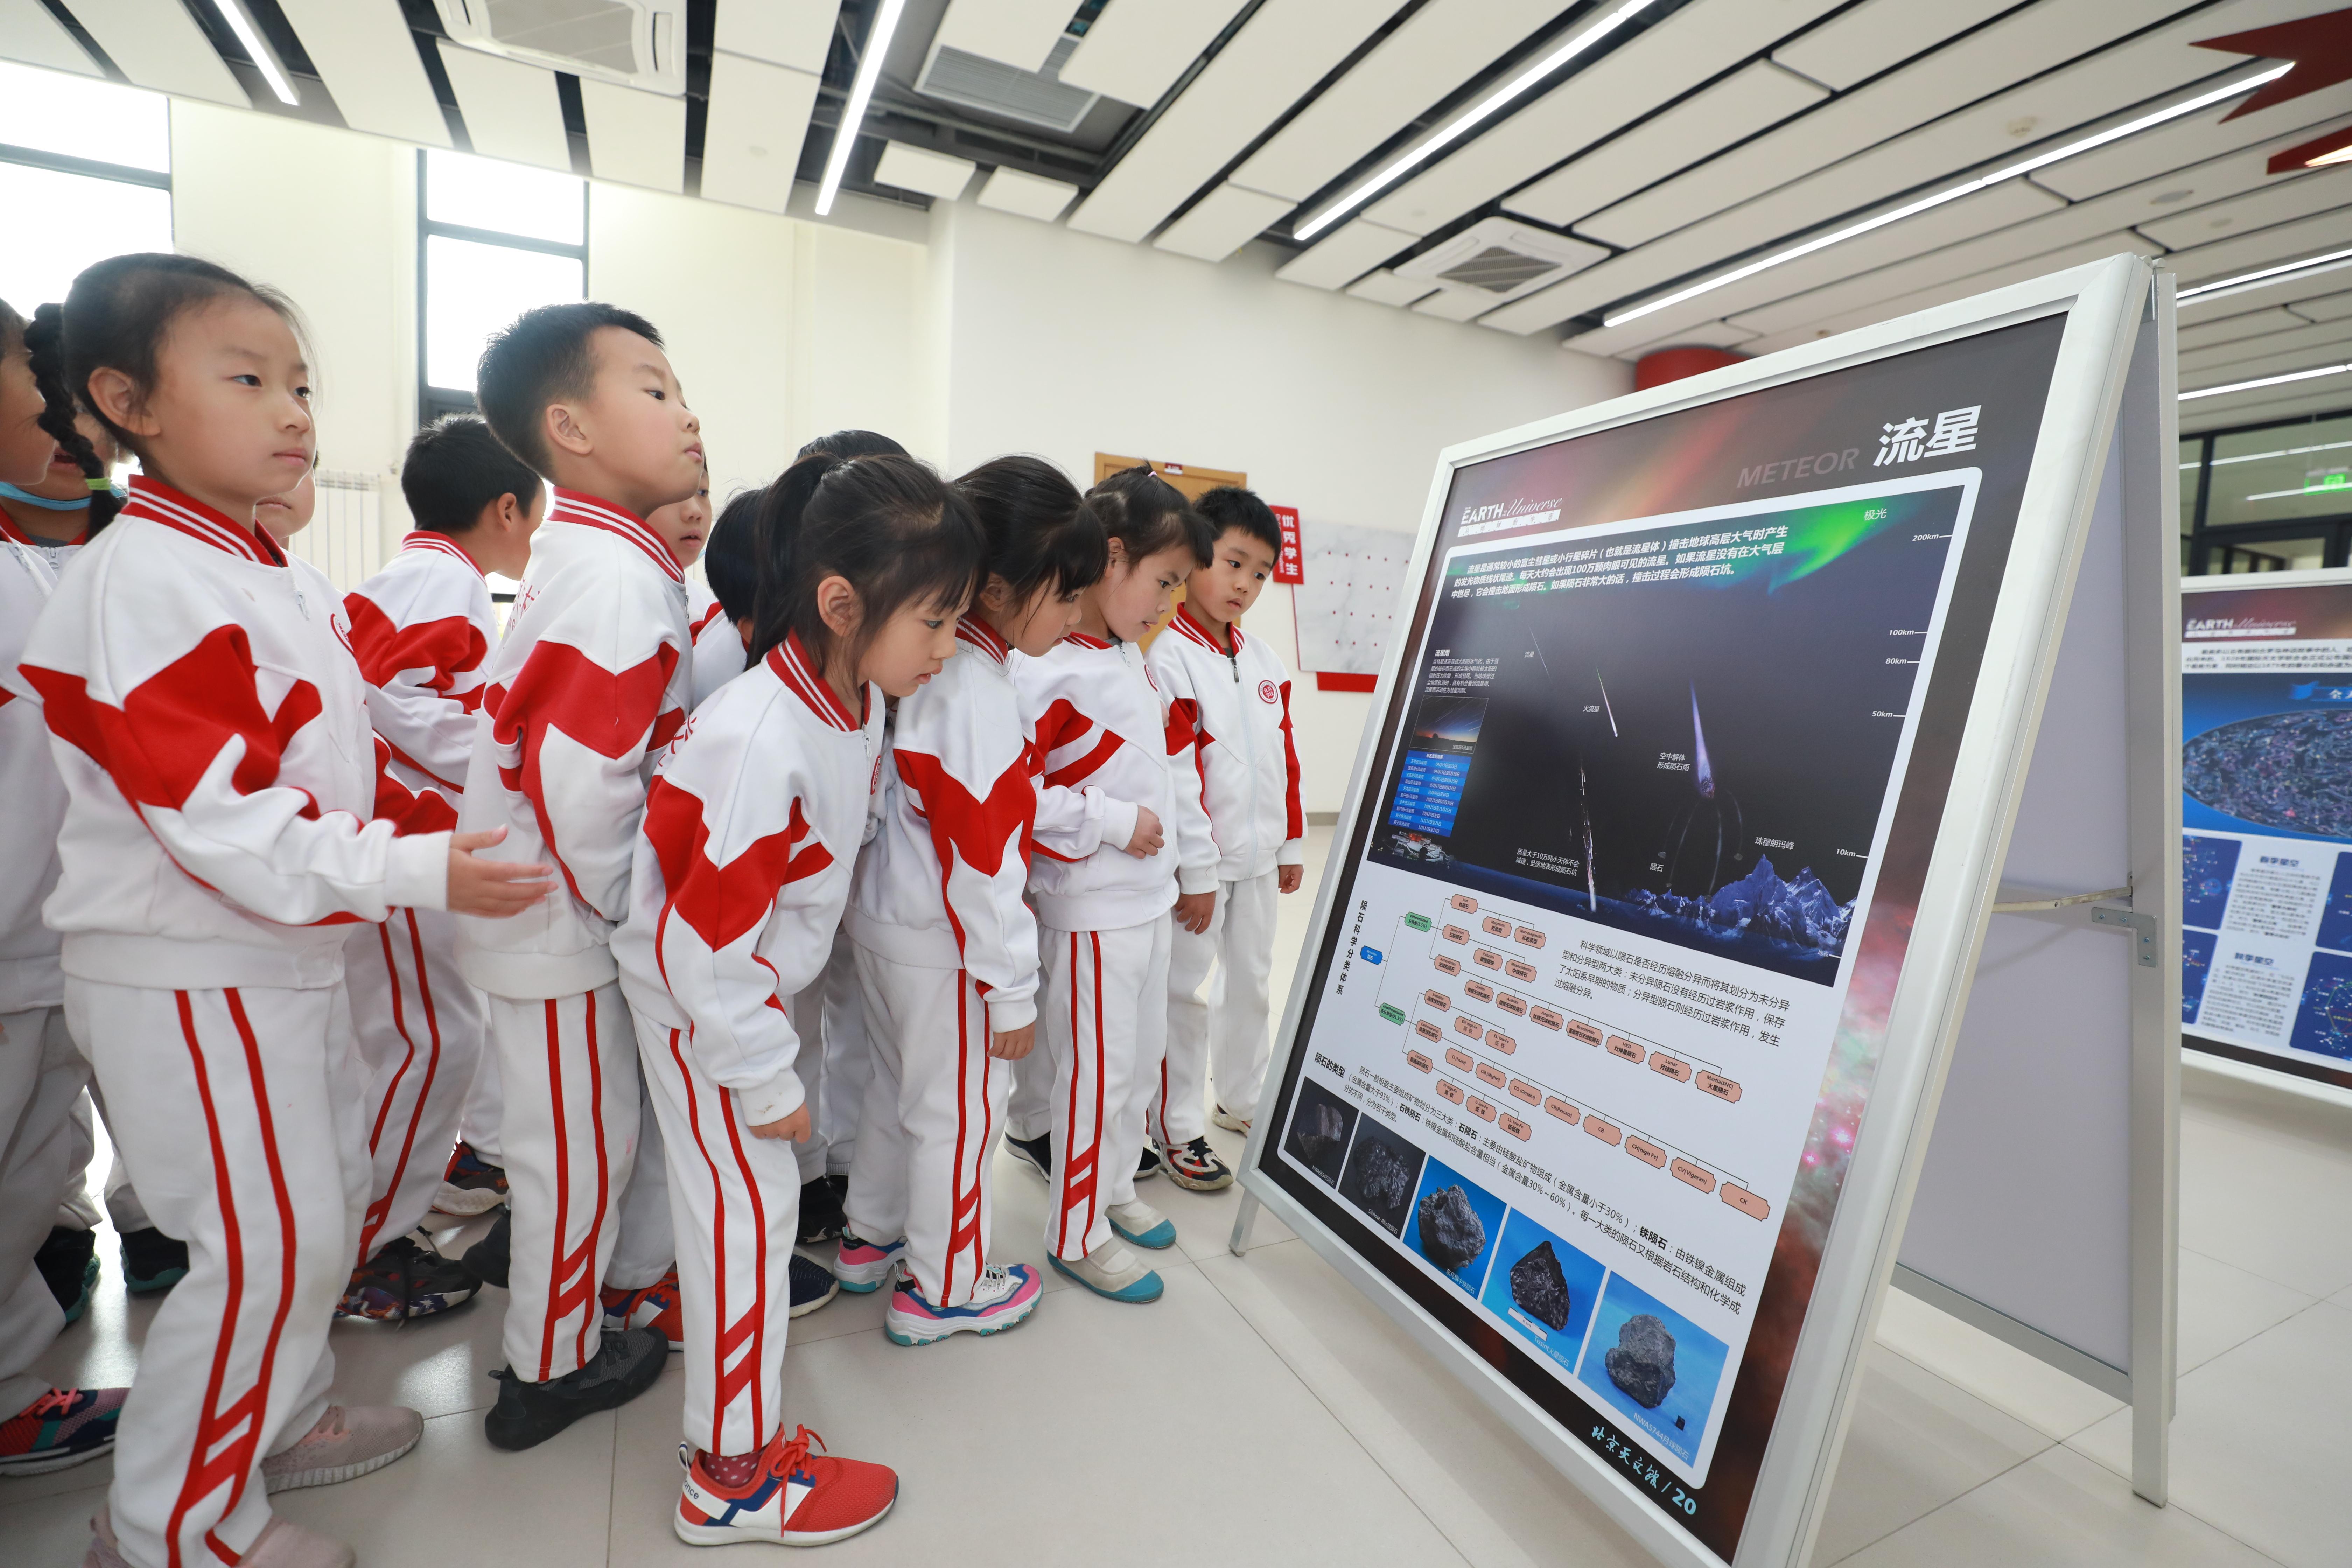 博物馆进校园 北科院联合北京学校打造科技创新教育基地